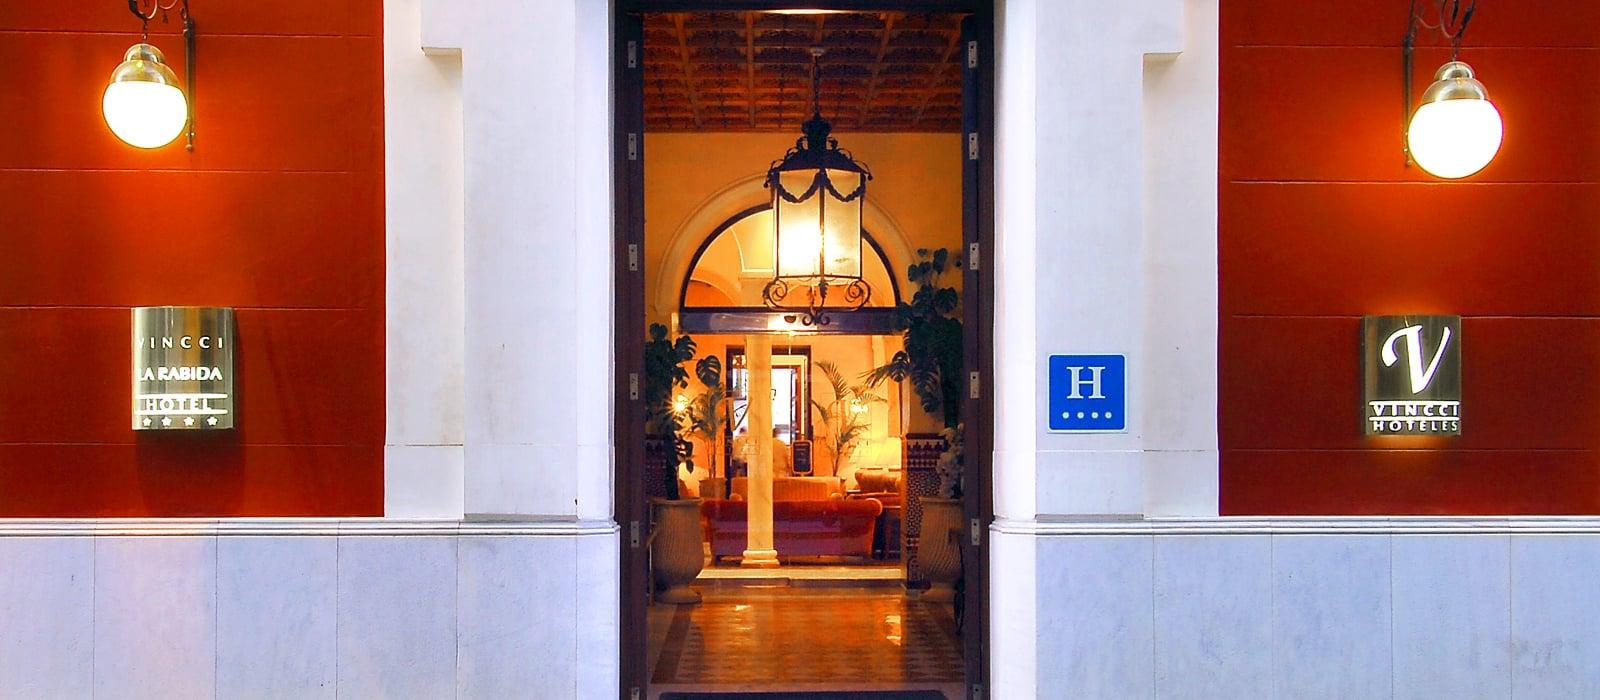 Facciata dell'Hotel - Vincci La Rábida 4*